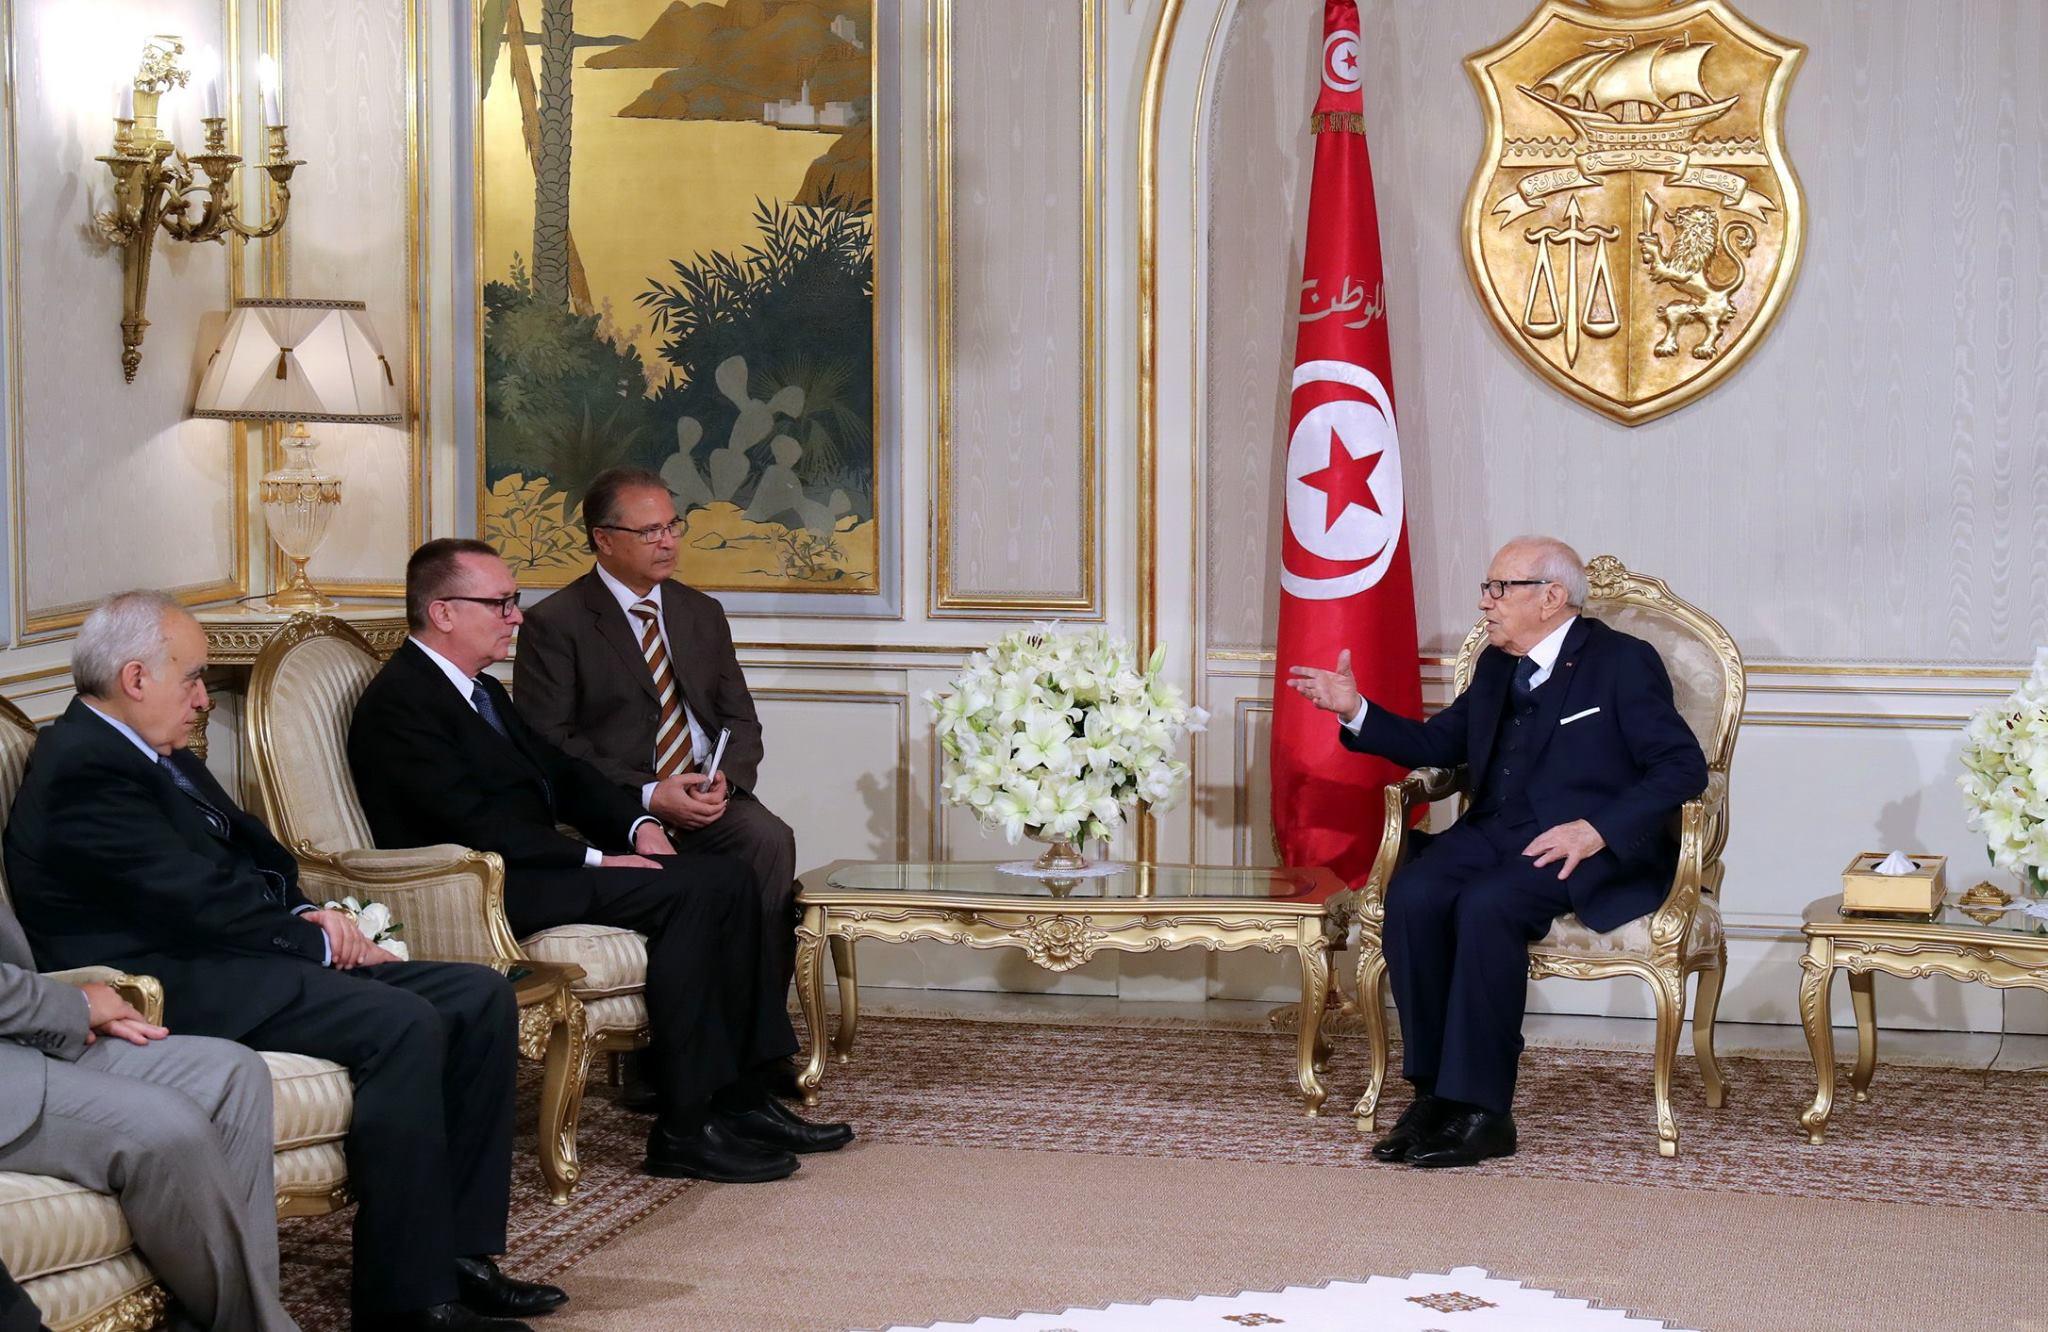 الأمم المتحدة تُثني على دور تونس في إيجاد حلّ سياسي للأزمة الليبية